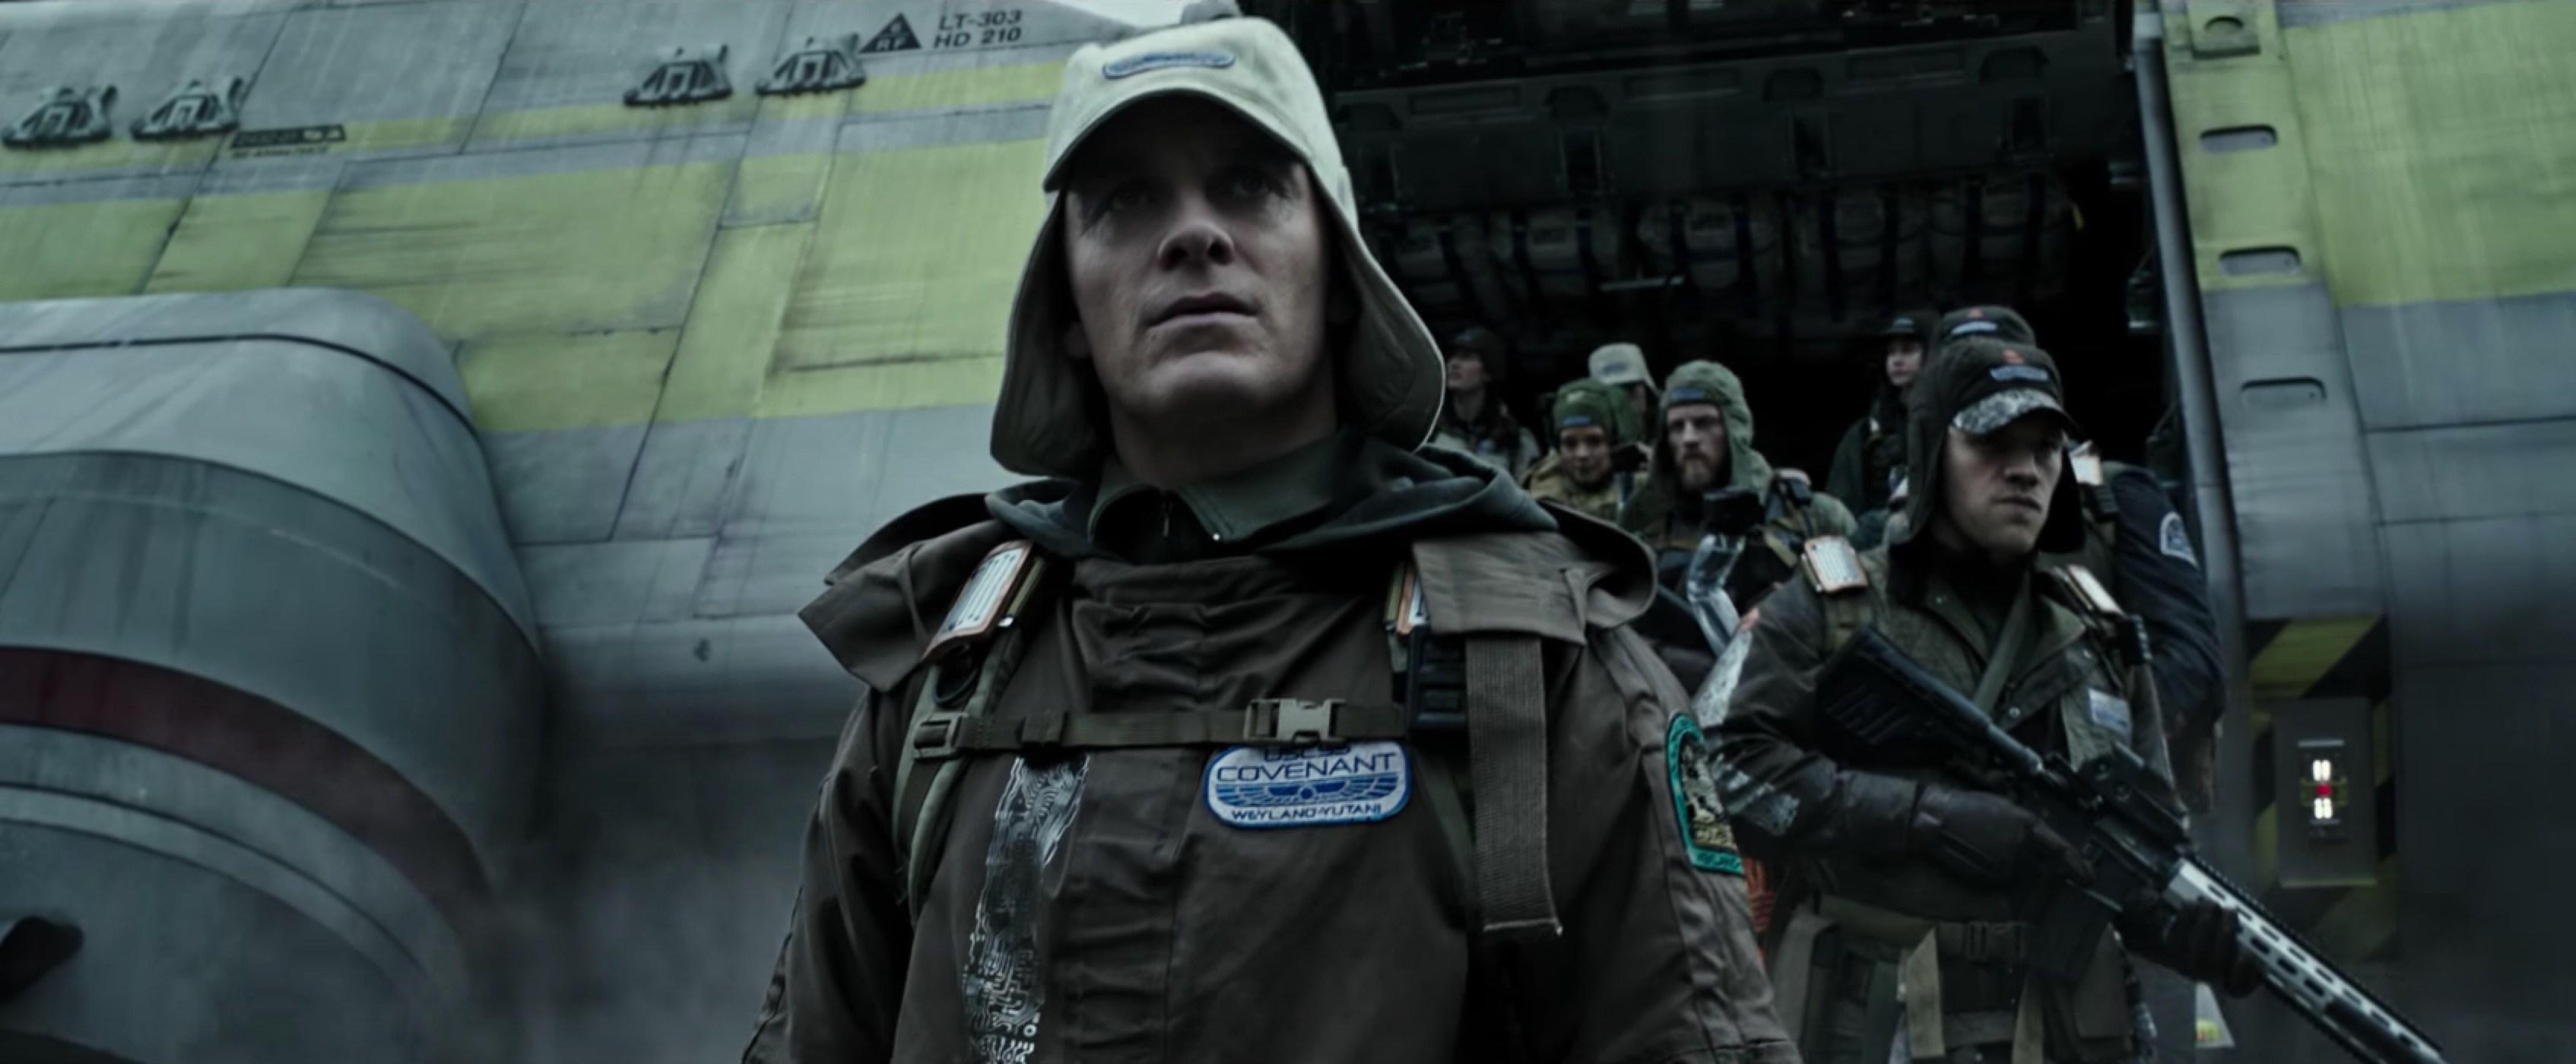 Ридли Скотт считает, что «Чужой 5» от Нила Бломкампа вряд ли увидит свет